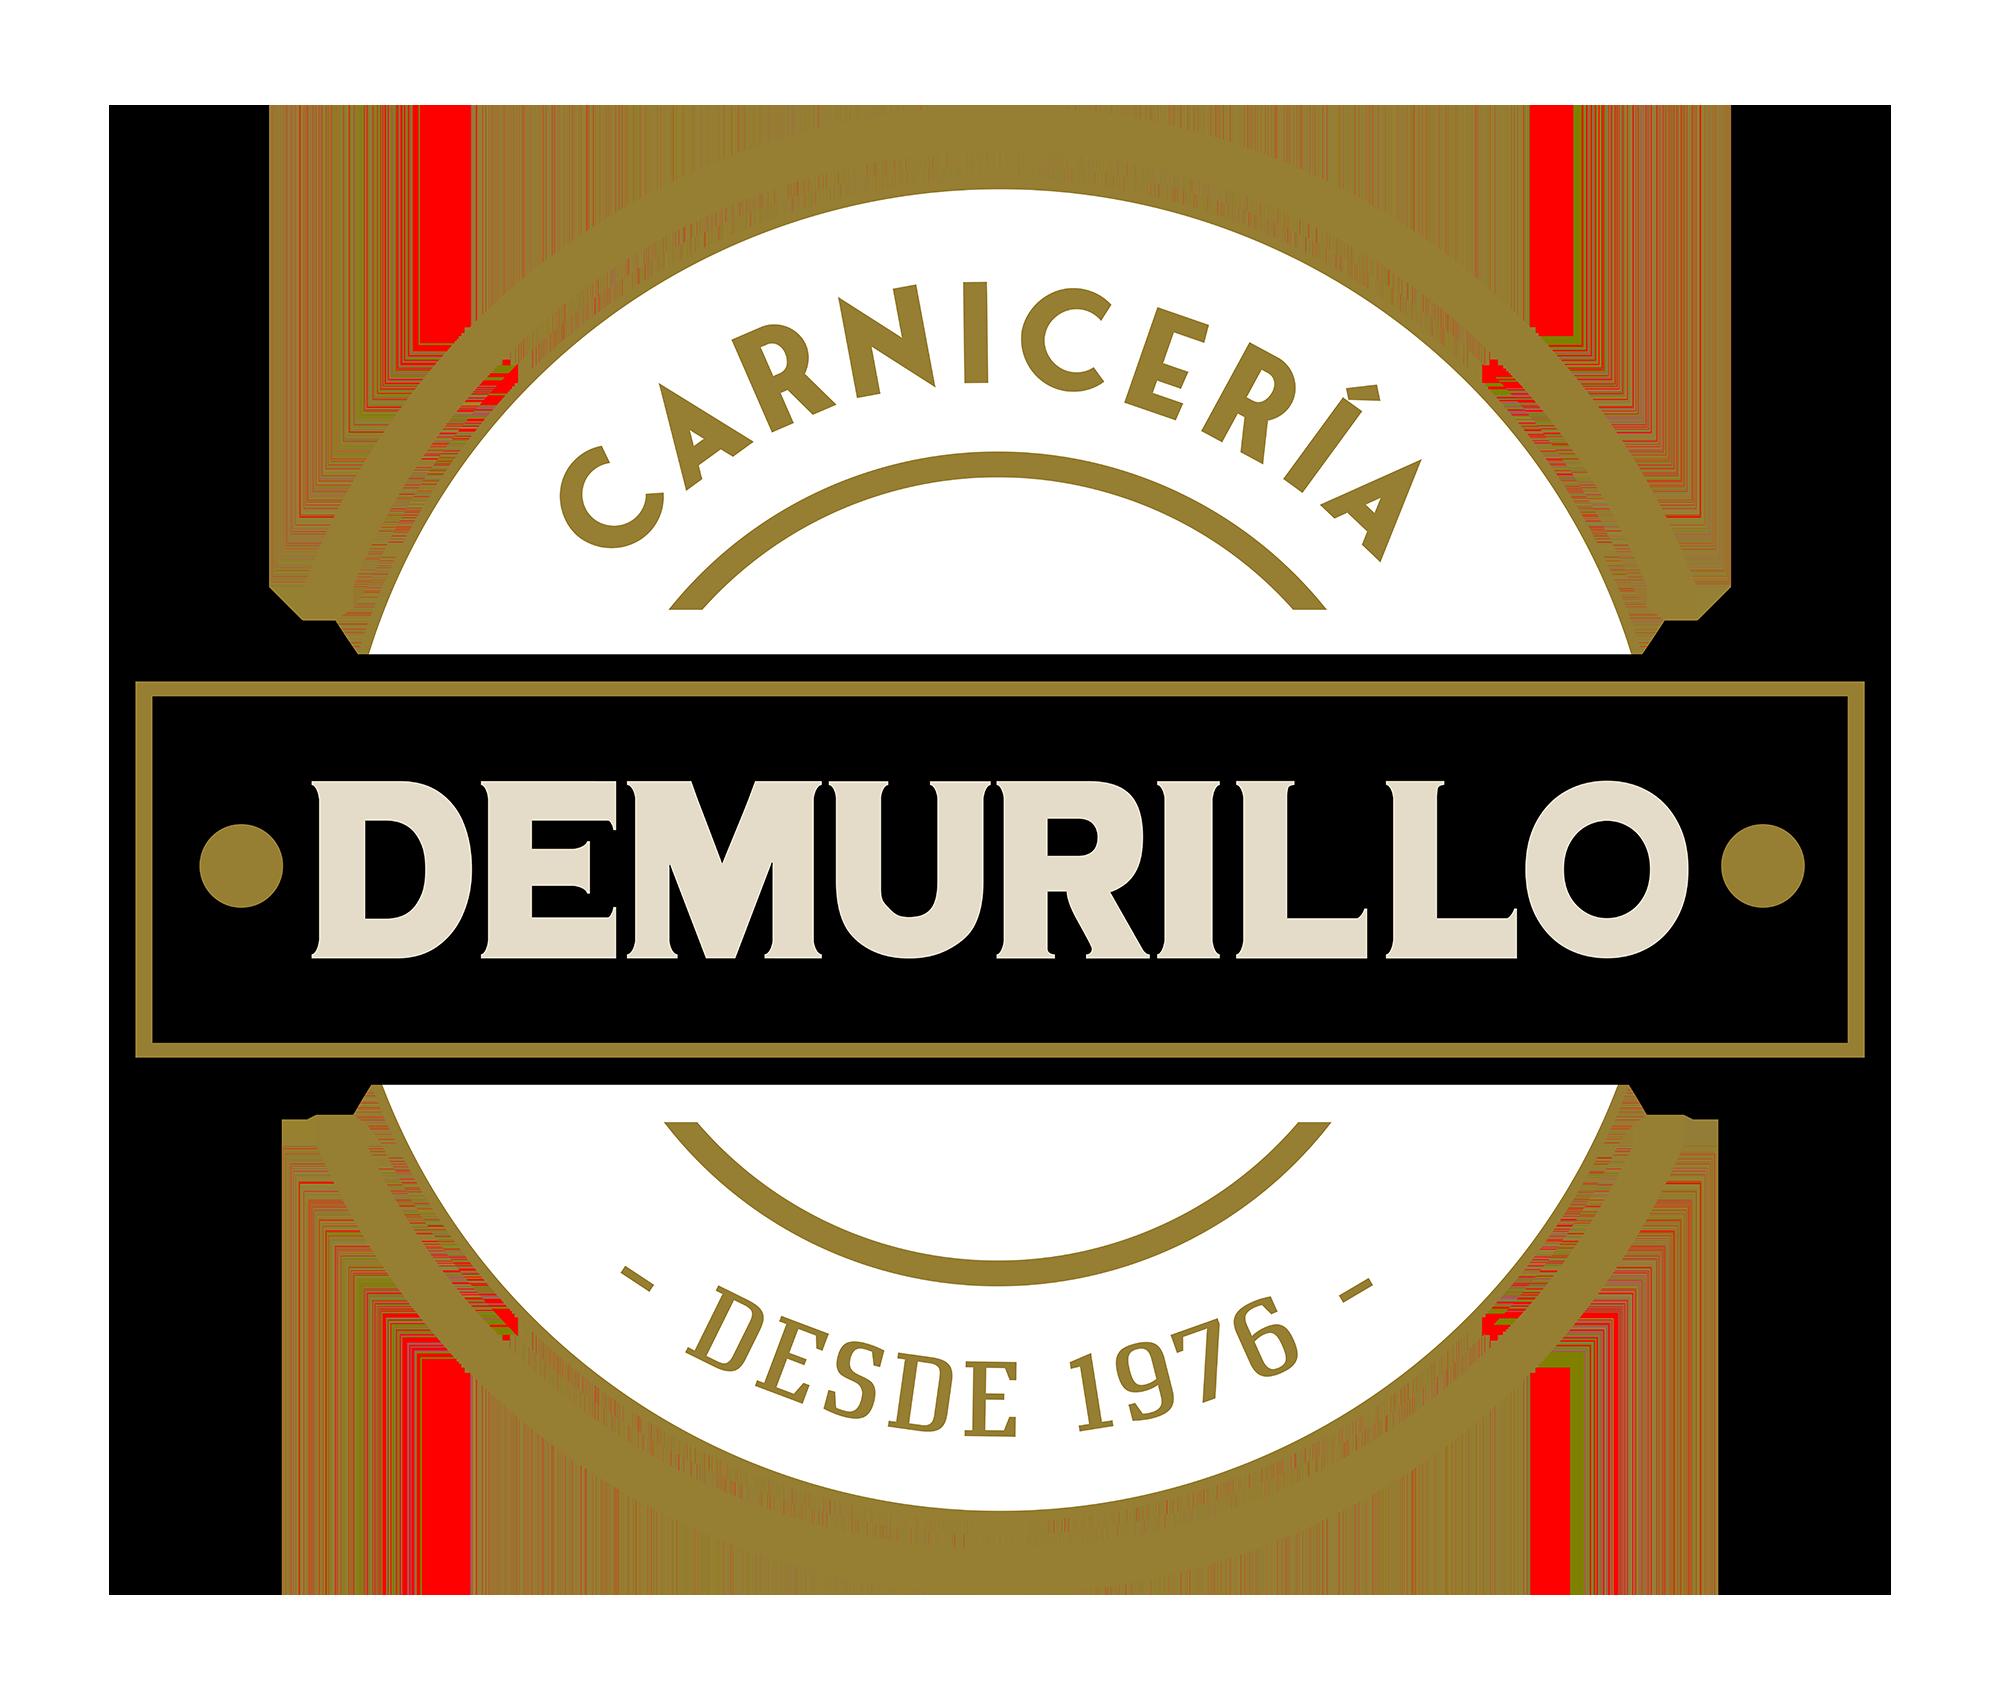 Carnicería DeMurillo